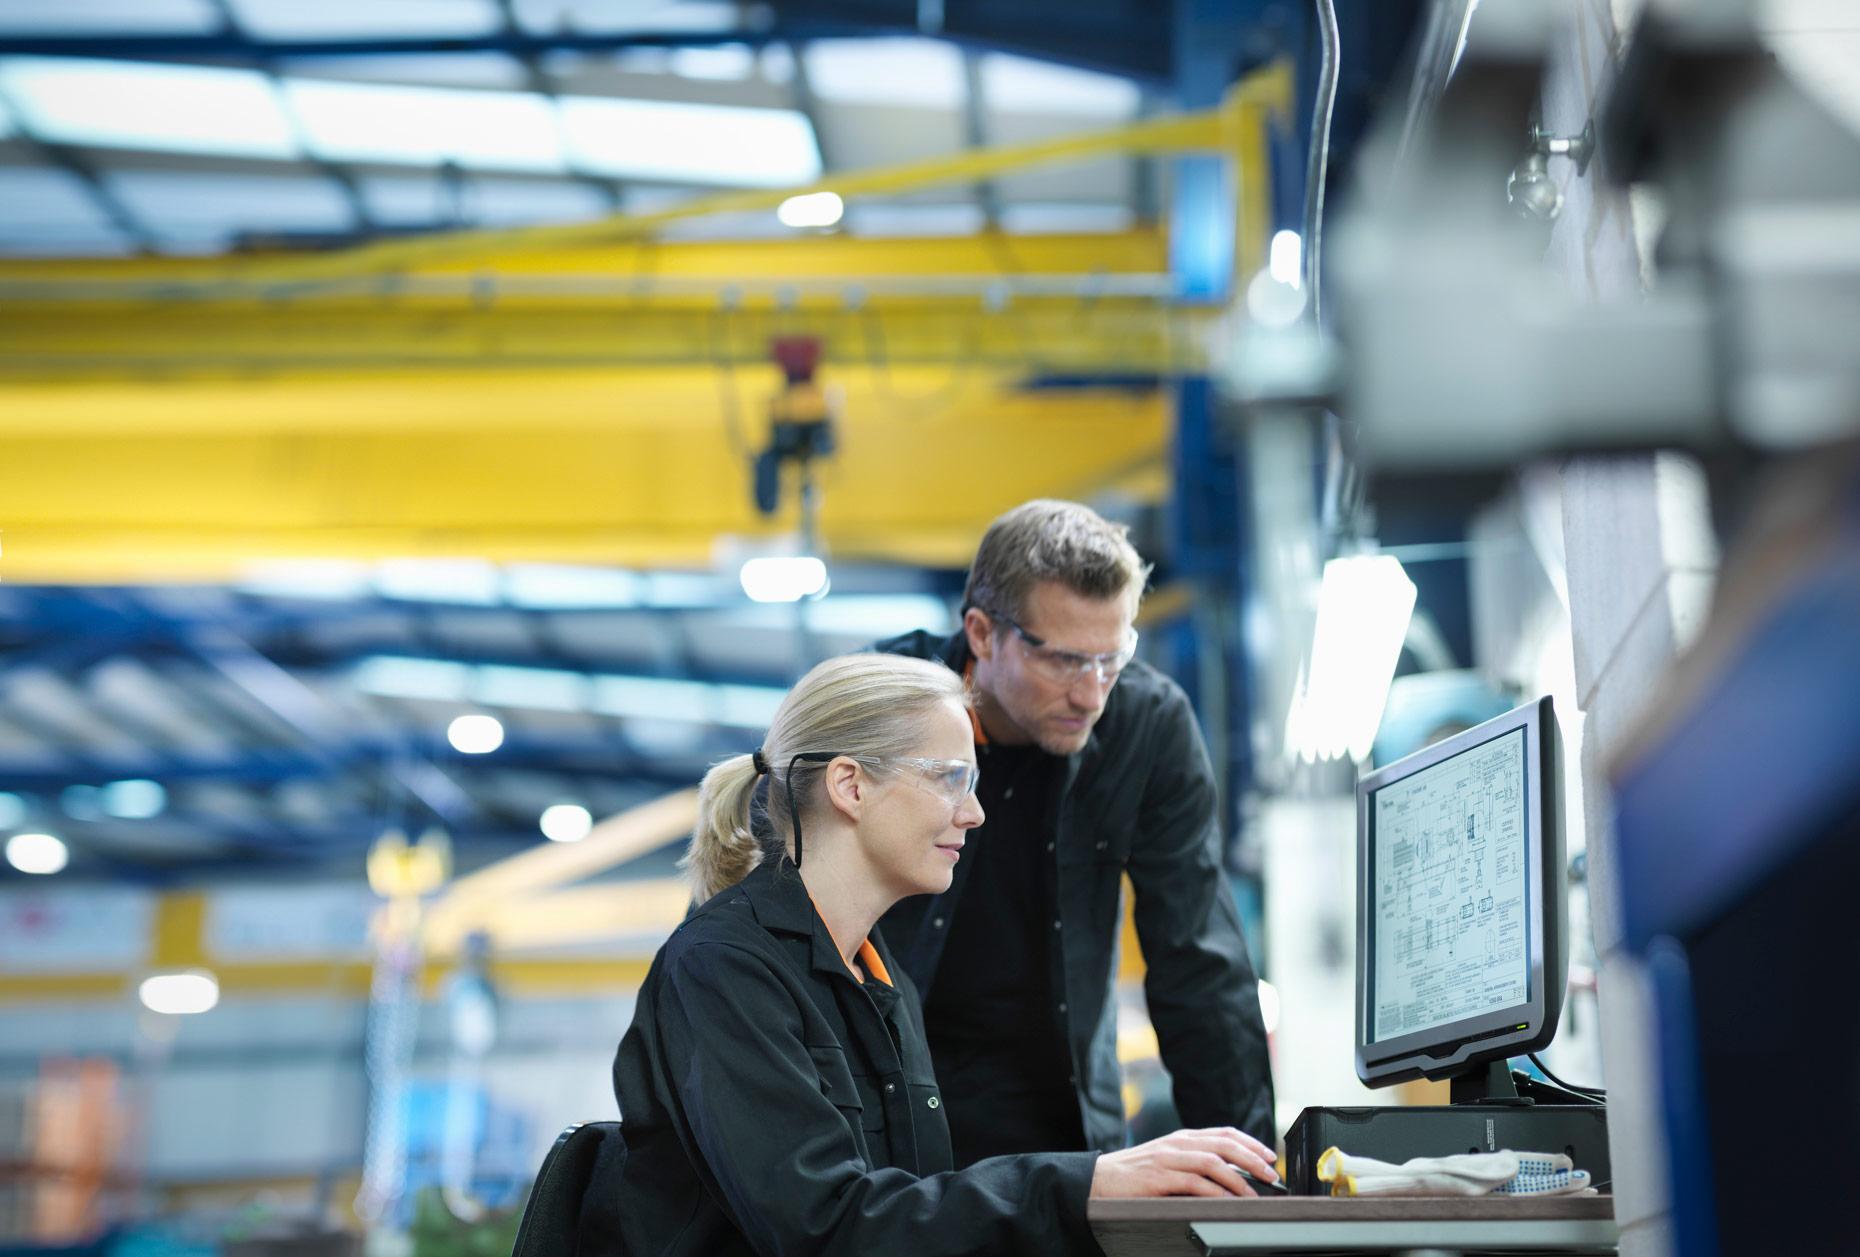 Obblighi e sanzioni per datori di lavoro e lavoratori